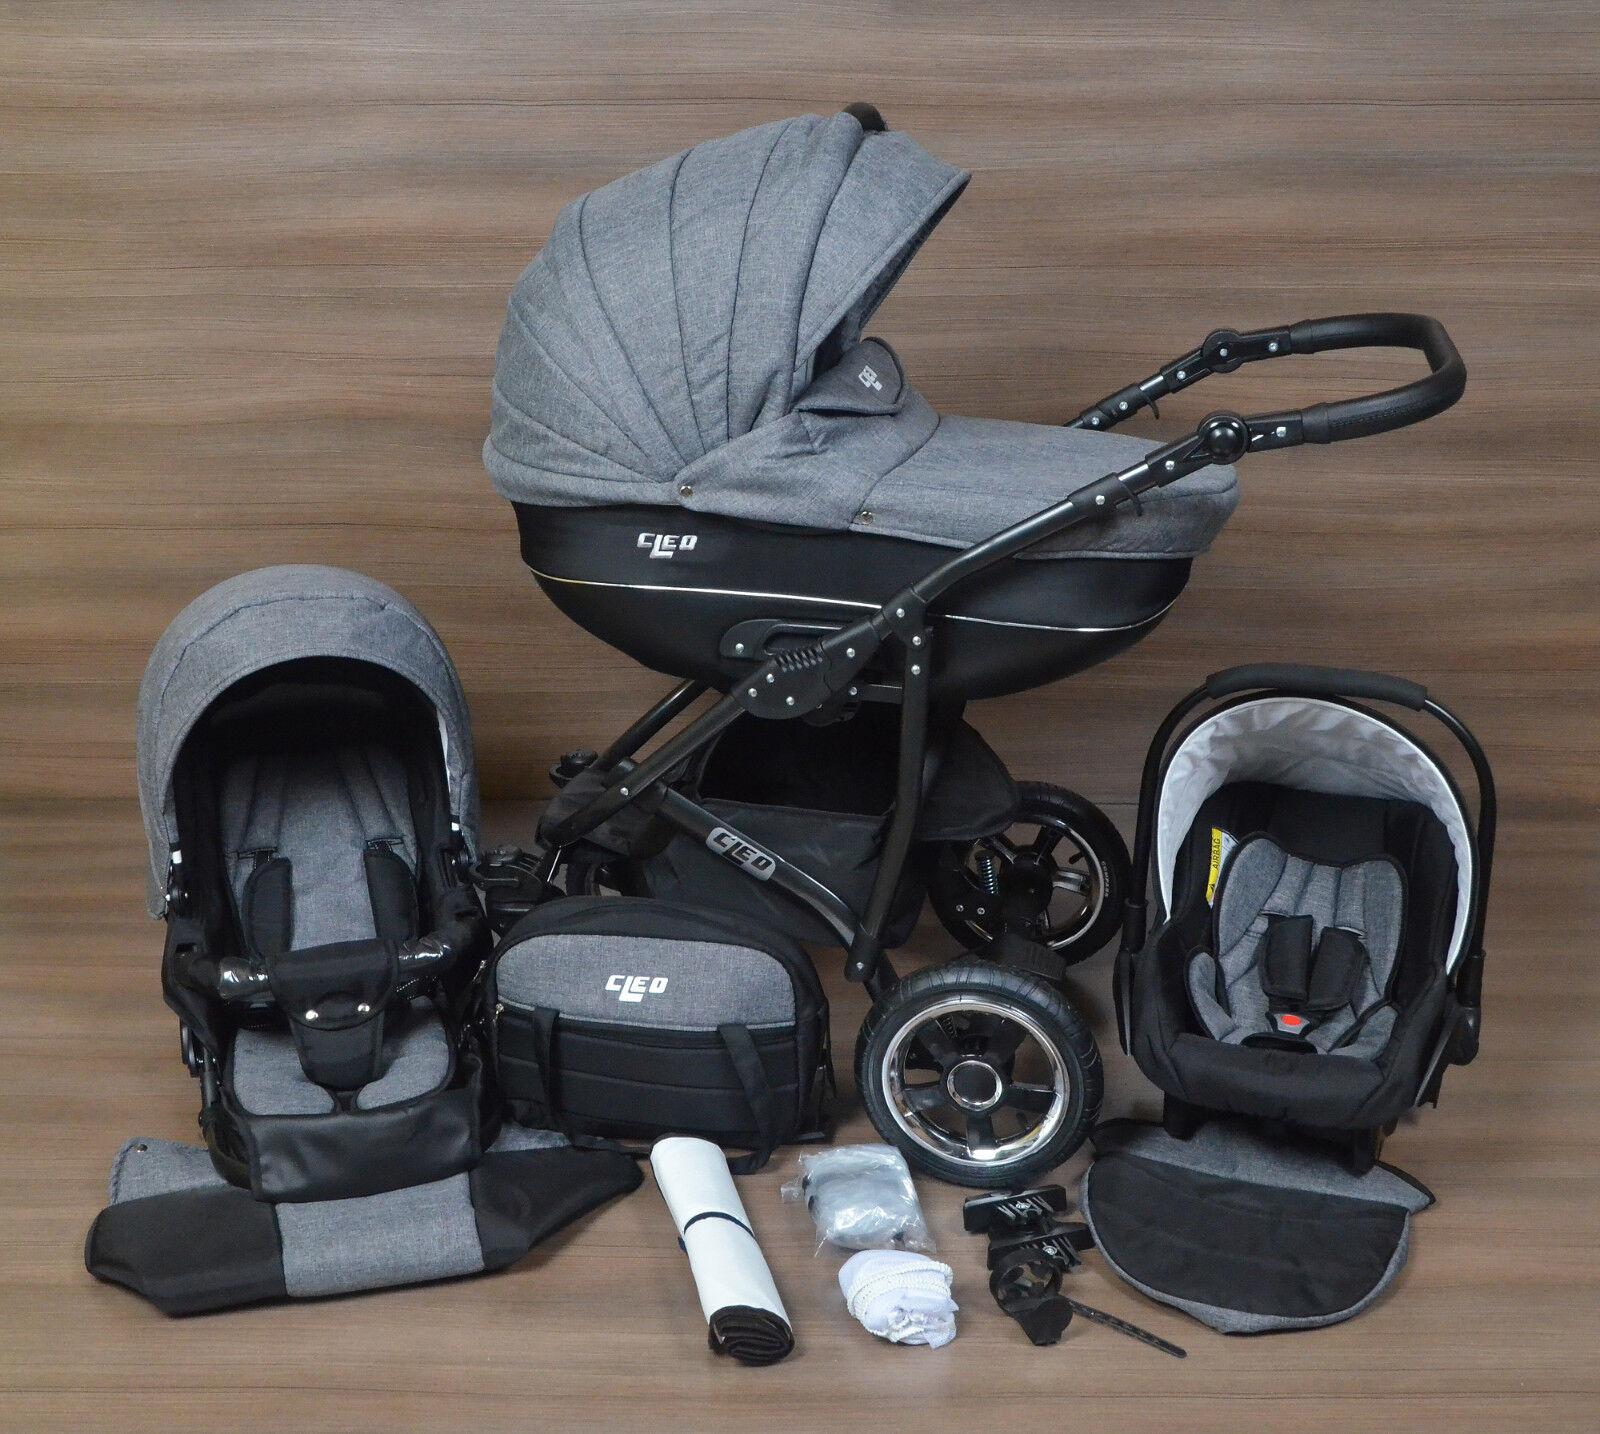 LUXUS Kombi Kinderwagen CLEO 3in1mit Babyschale Autositz Babywanne Sportsitz NEU